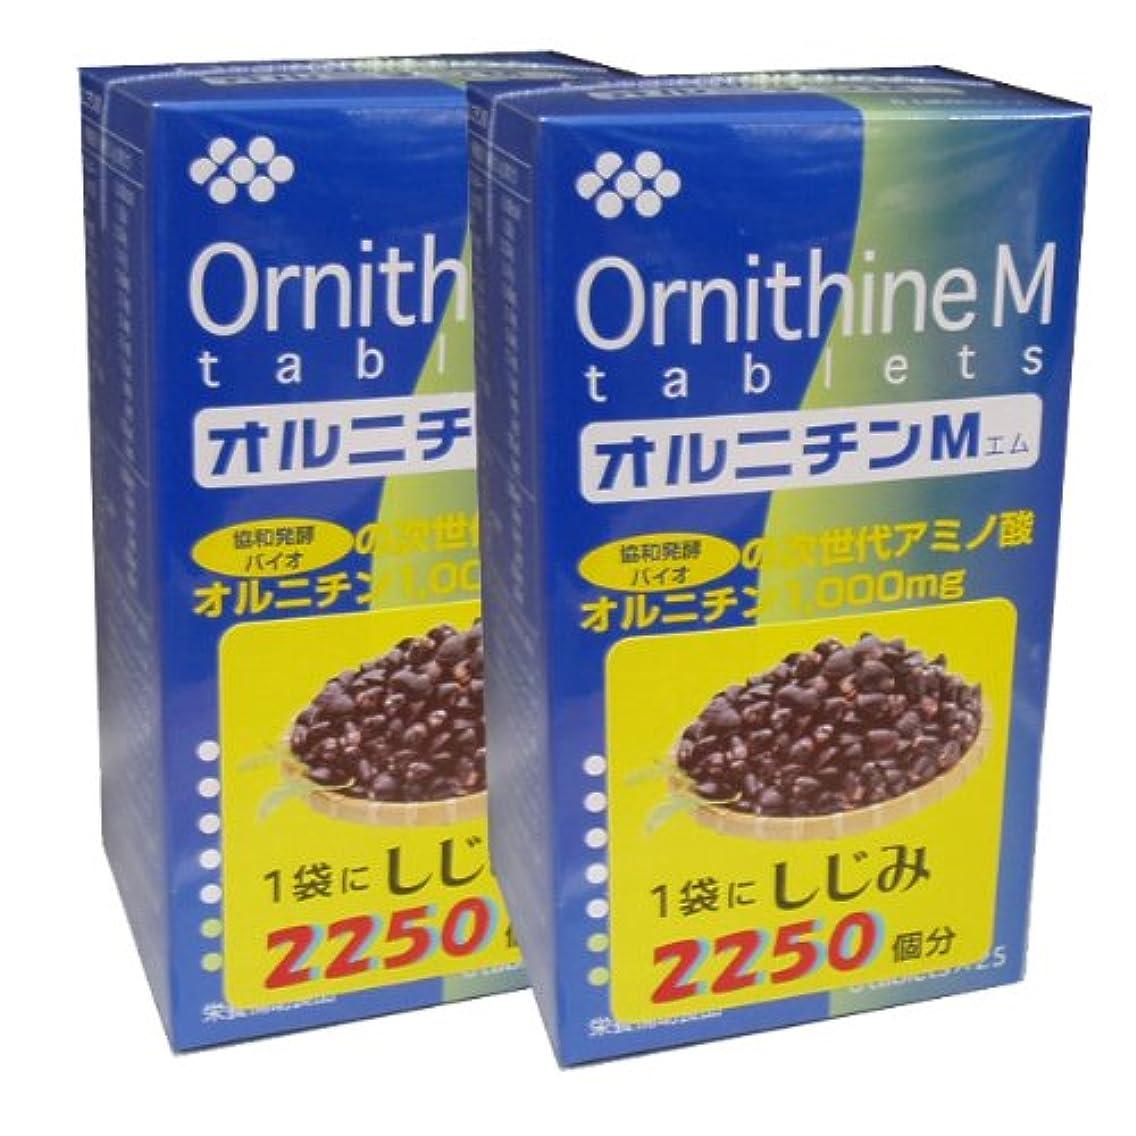 発火する活性化夜明け協和発酵オルニチンM (6粒×25袋)×2個セット